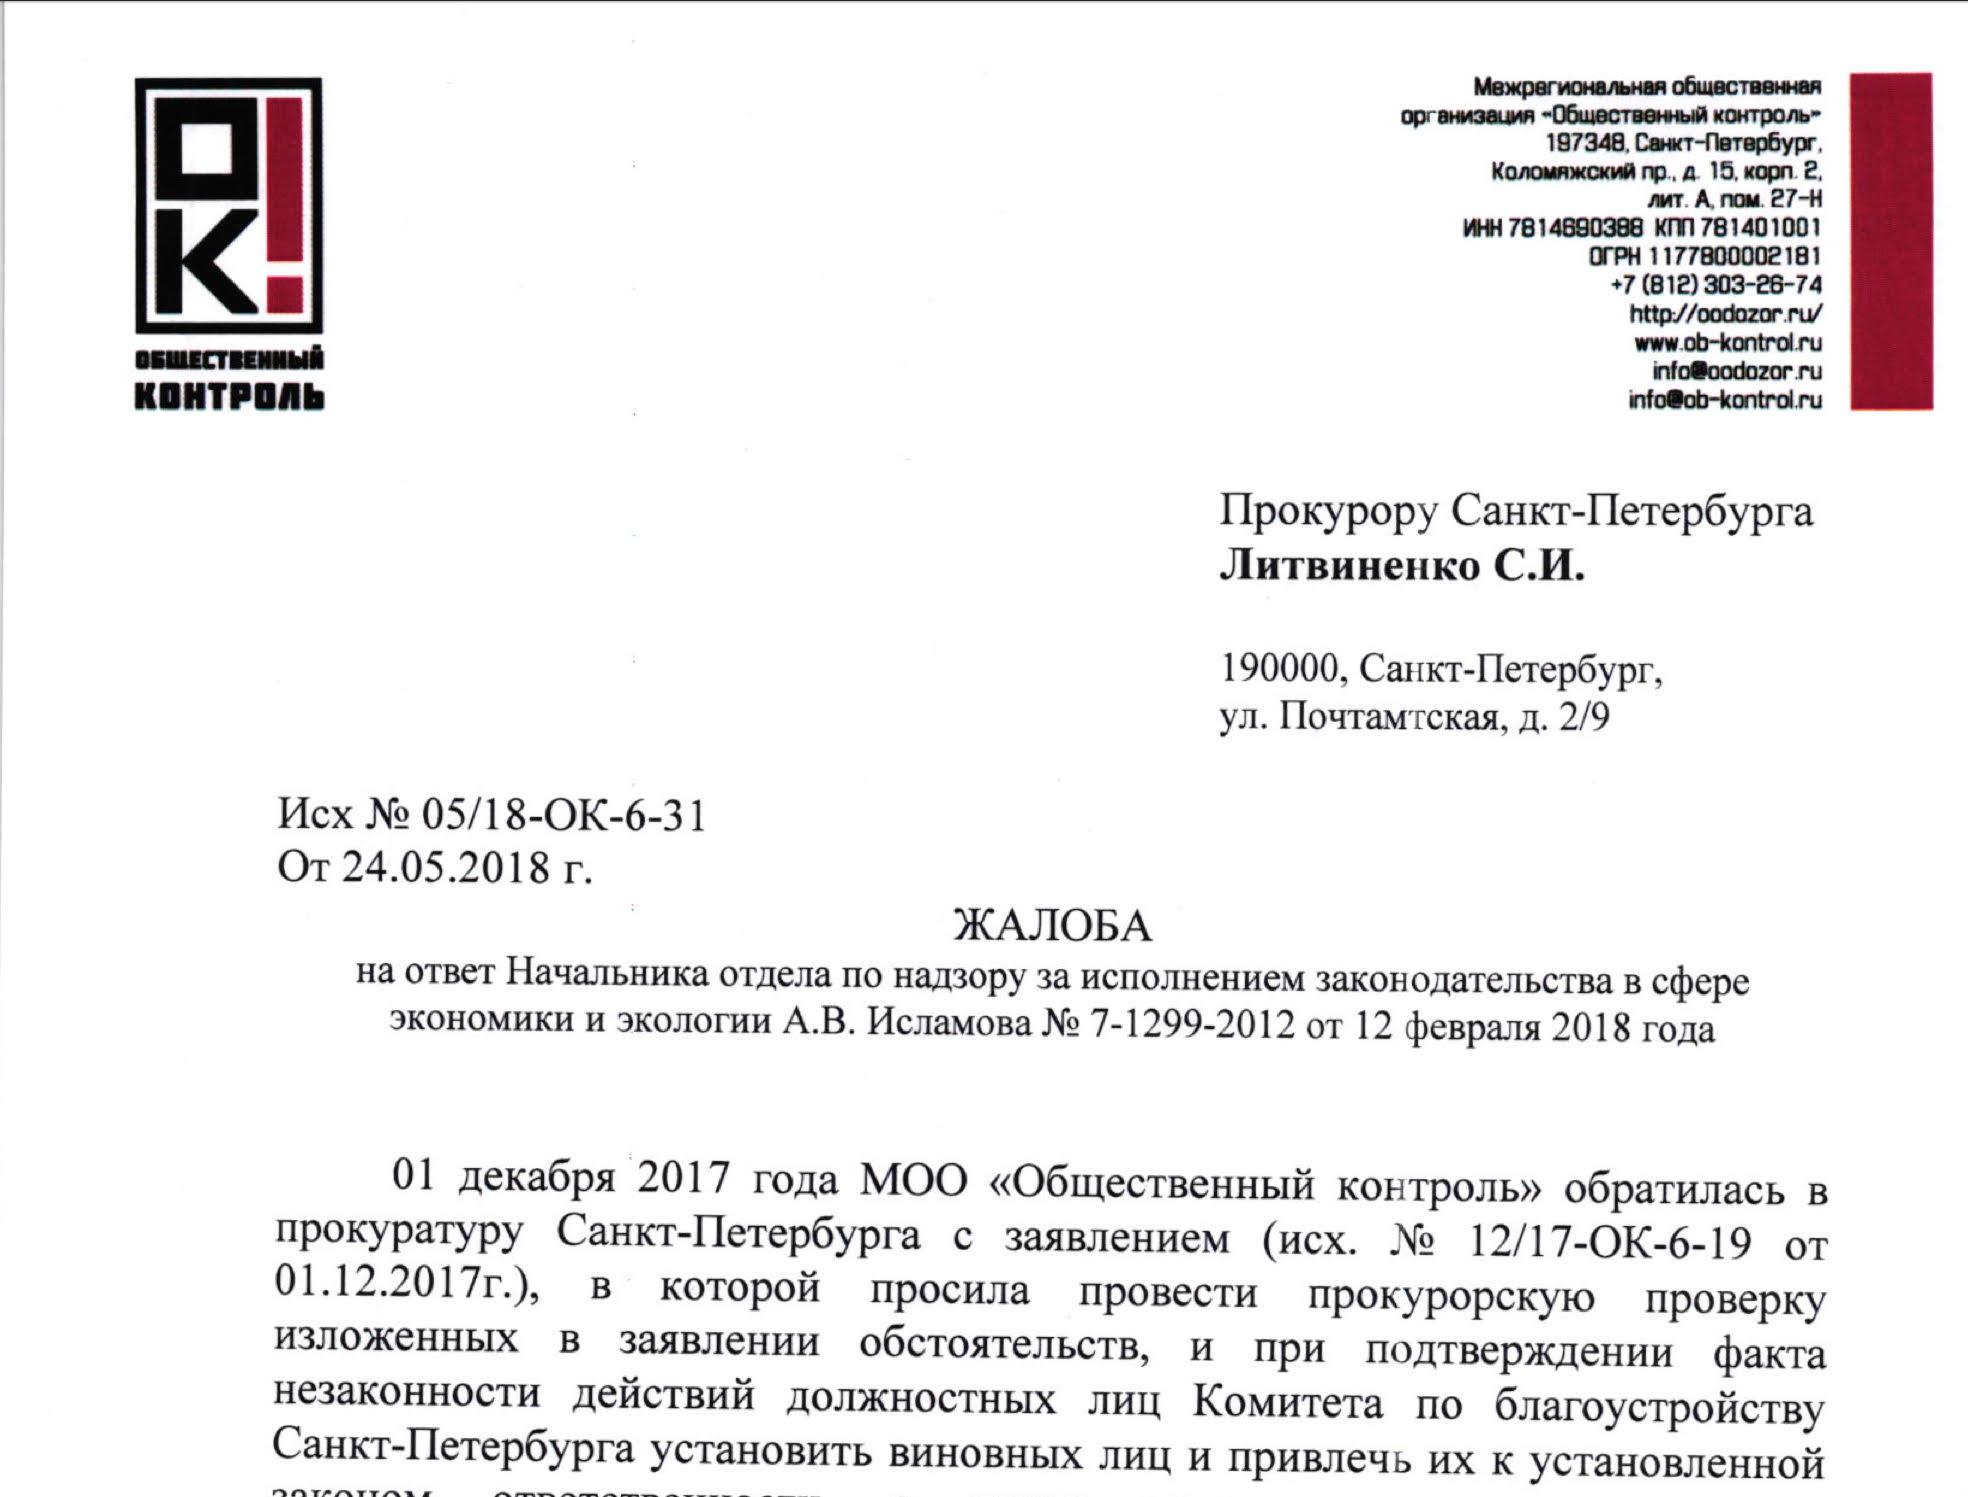 Жалоба на имя Прокурора СПб Литвиненко С.И. на ответ Начальника отдела по надзору за исполнением законодательства в сфере экономики и экологии А.В. Исмаилова от 12 февраля 2018 года.